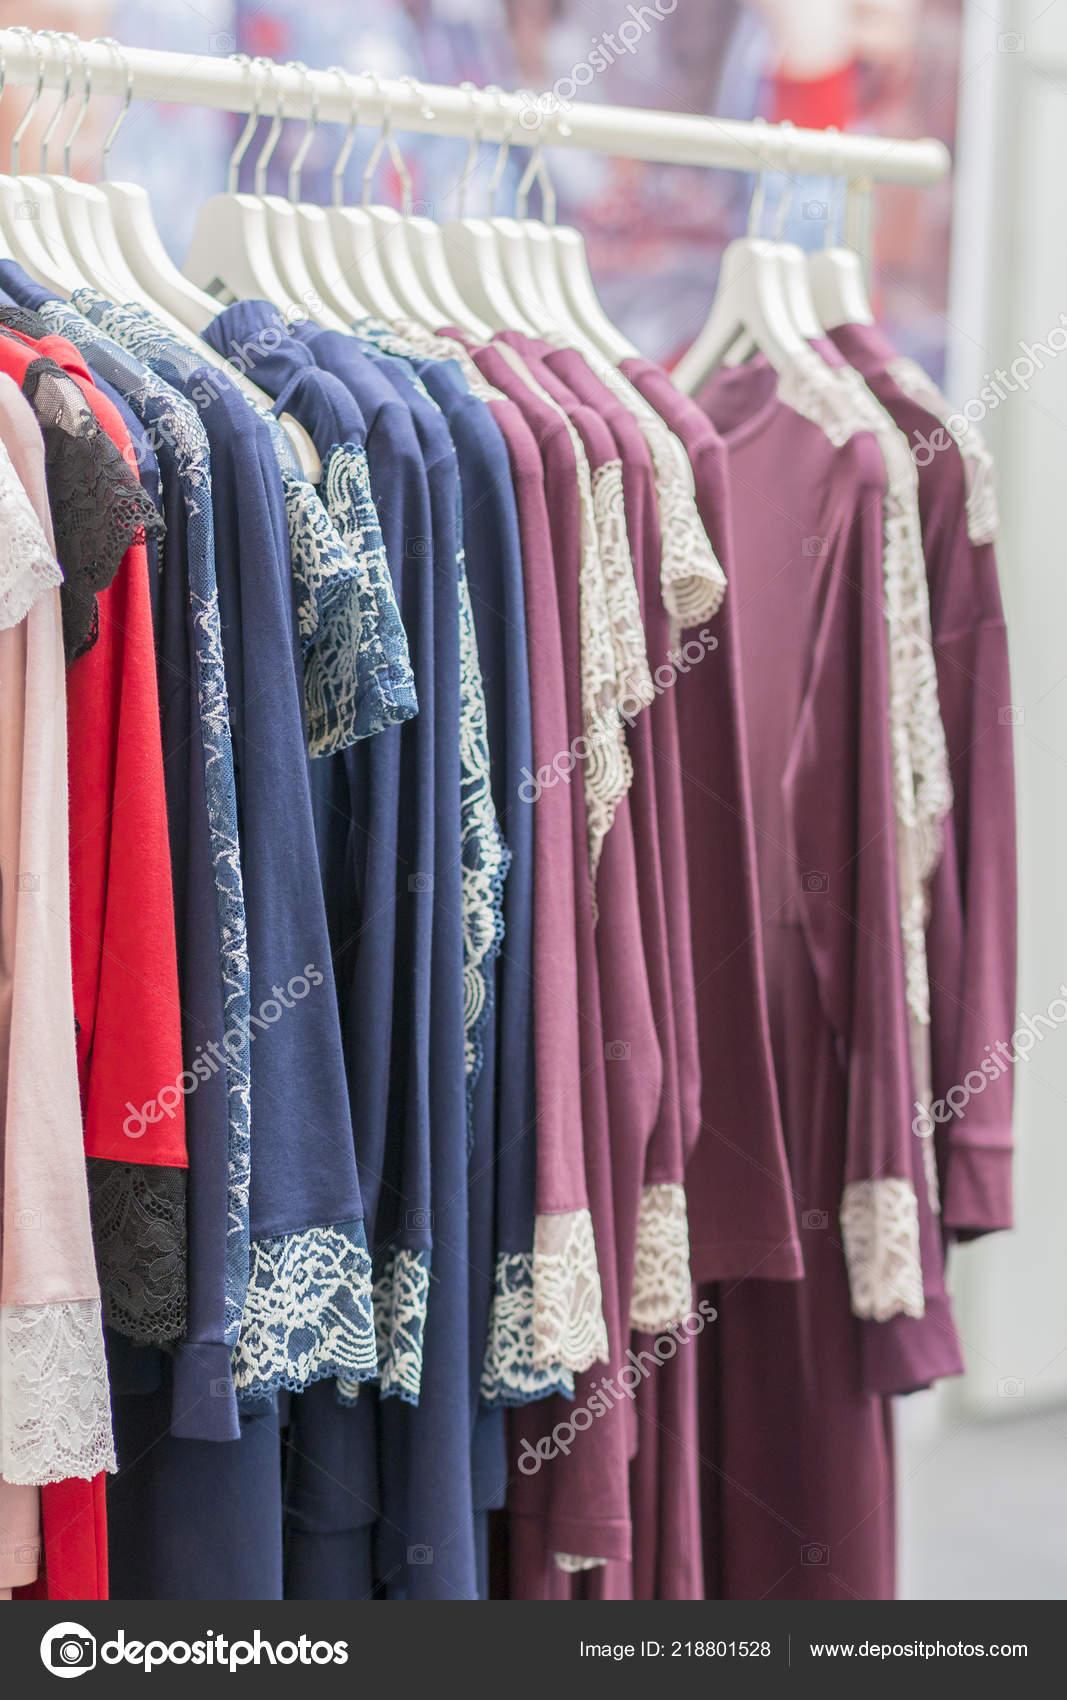 2399e855c Ropa ventas por menor concepto. Pijamas de las señoras en ganchos de ropa  de la tienda. Pijama en tienda. Publicidad